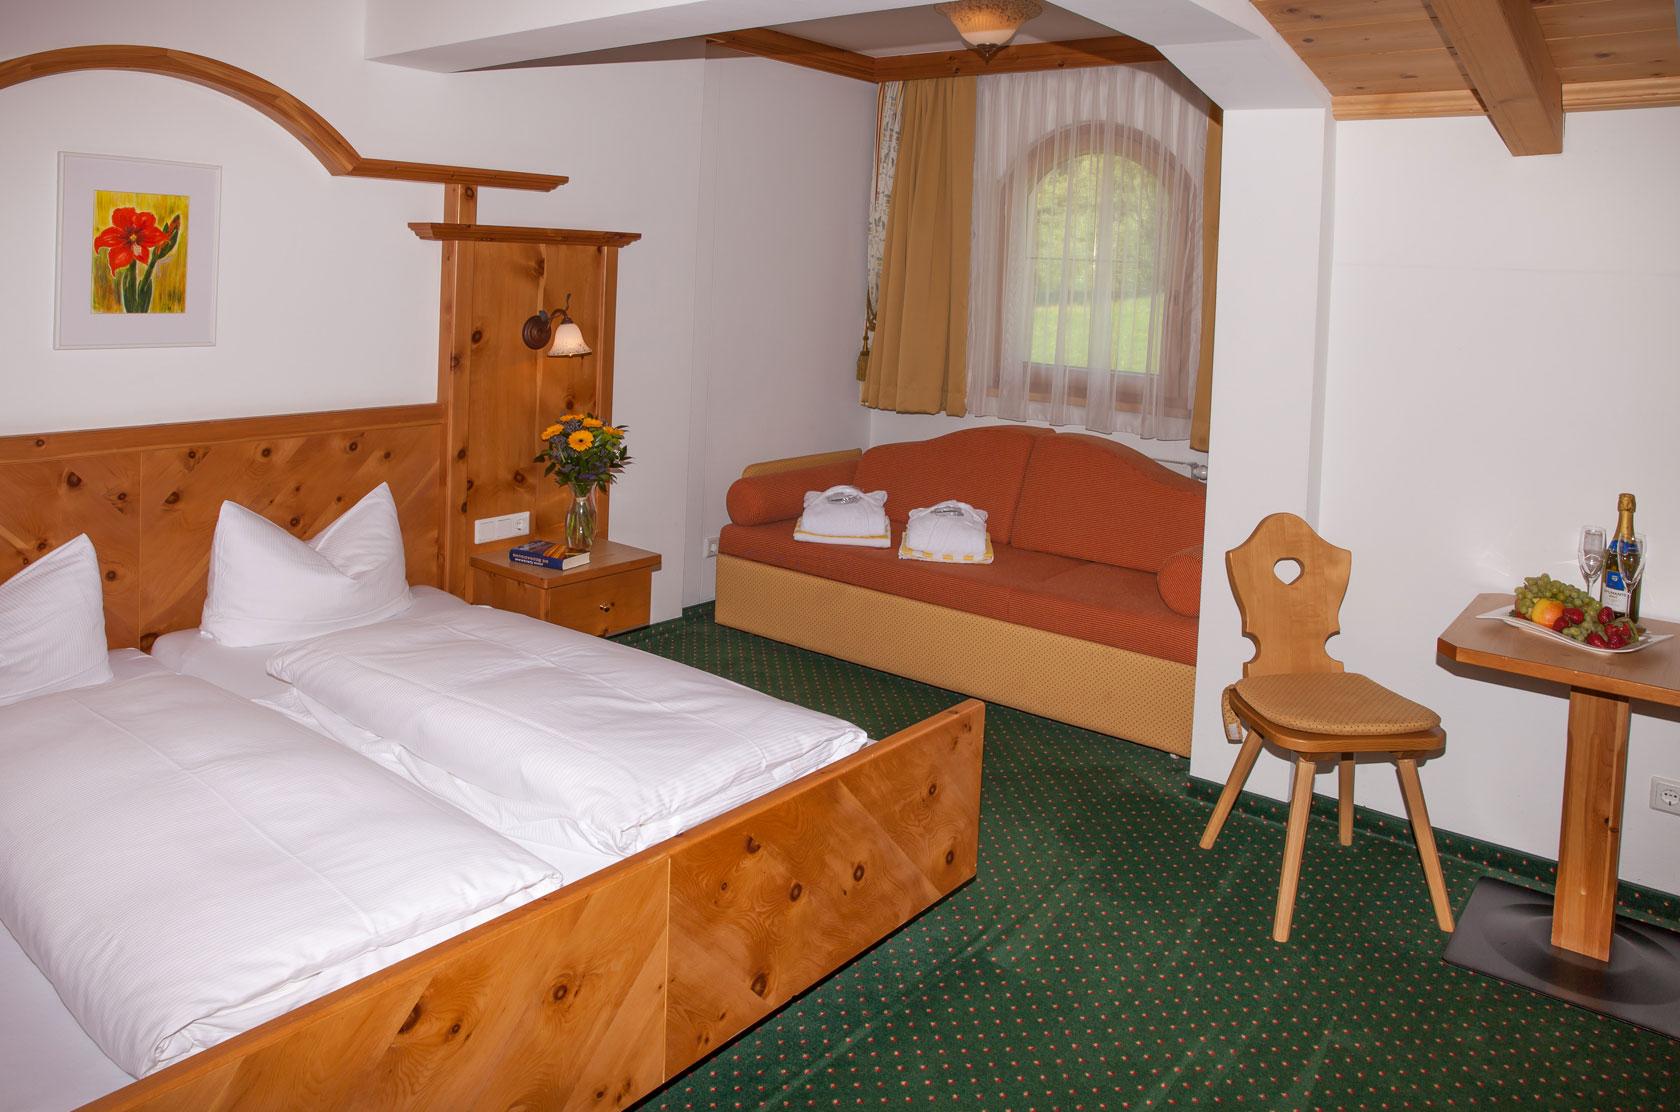 Hotelzimmer für zwei Personen in der Kategorie Zirbe